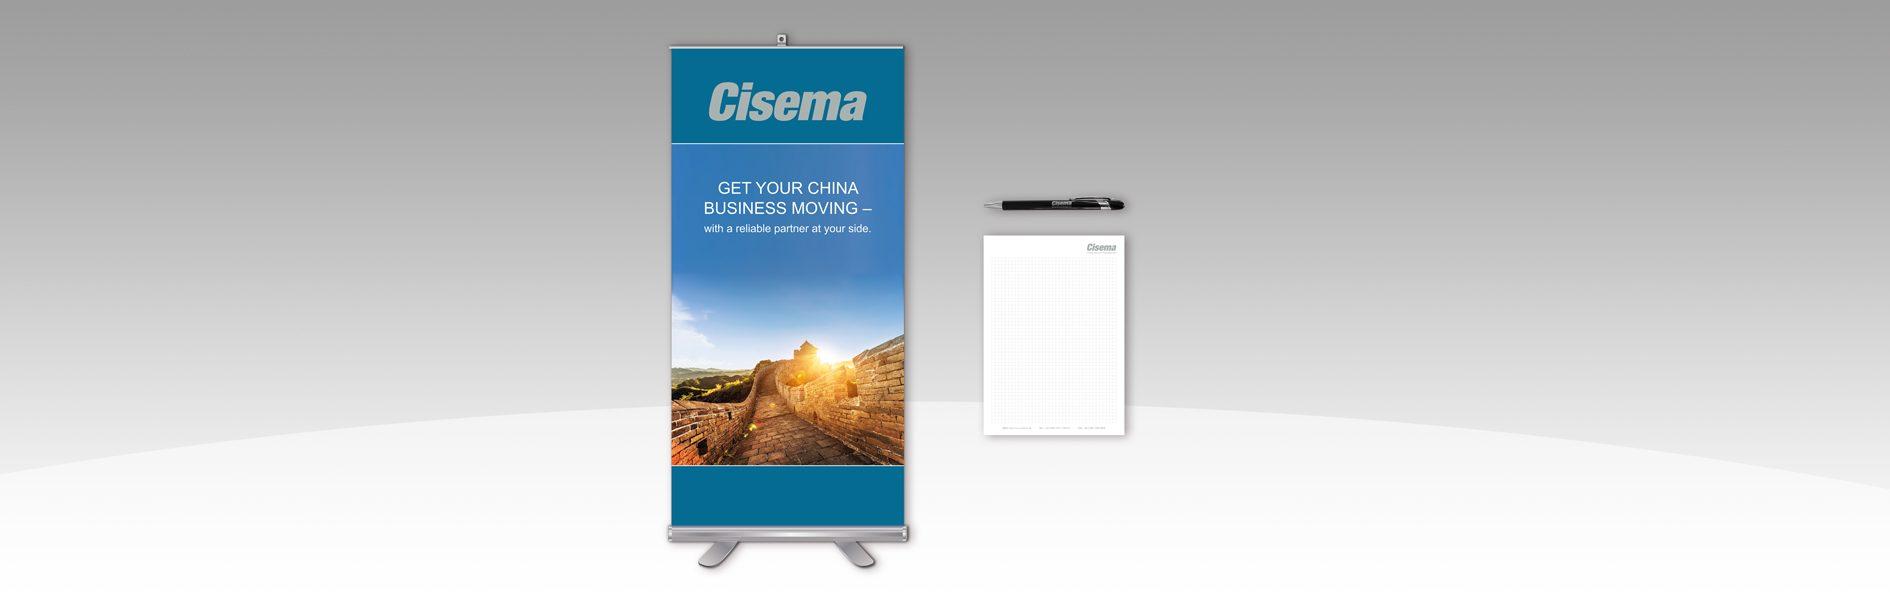 Hier ist ein Rollup sowie ein Notizblock und ein Kugelschreiber von Cisema abgebildet.